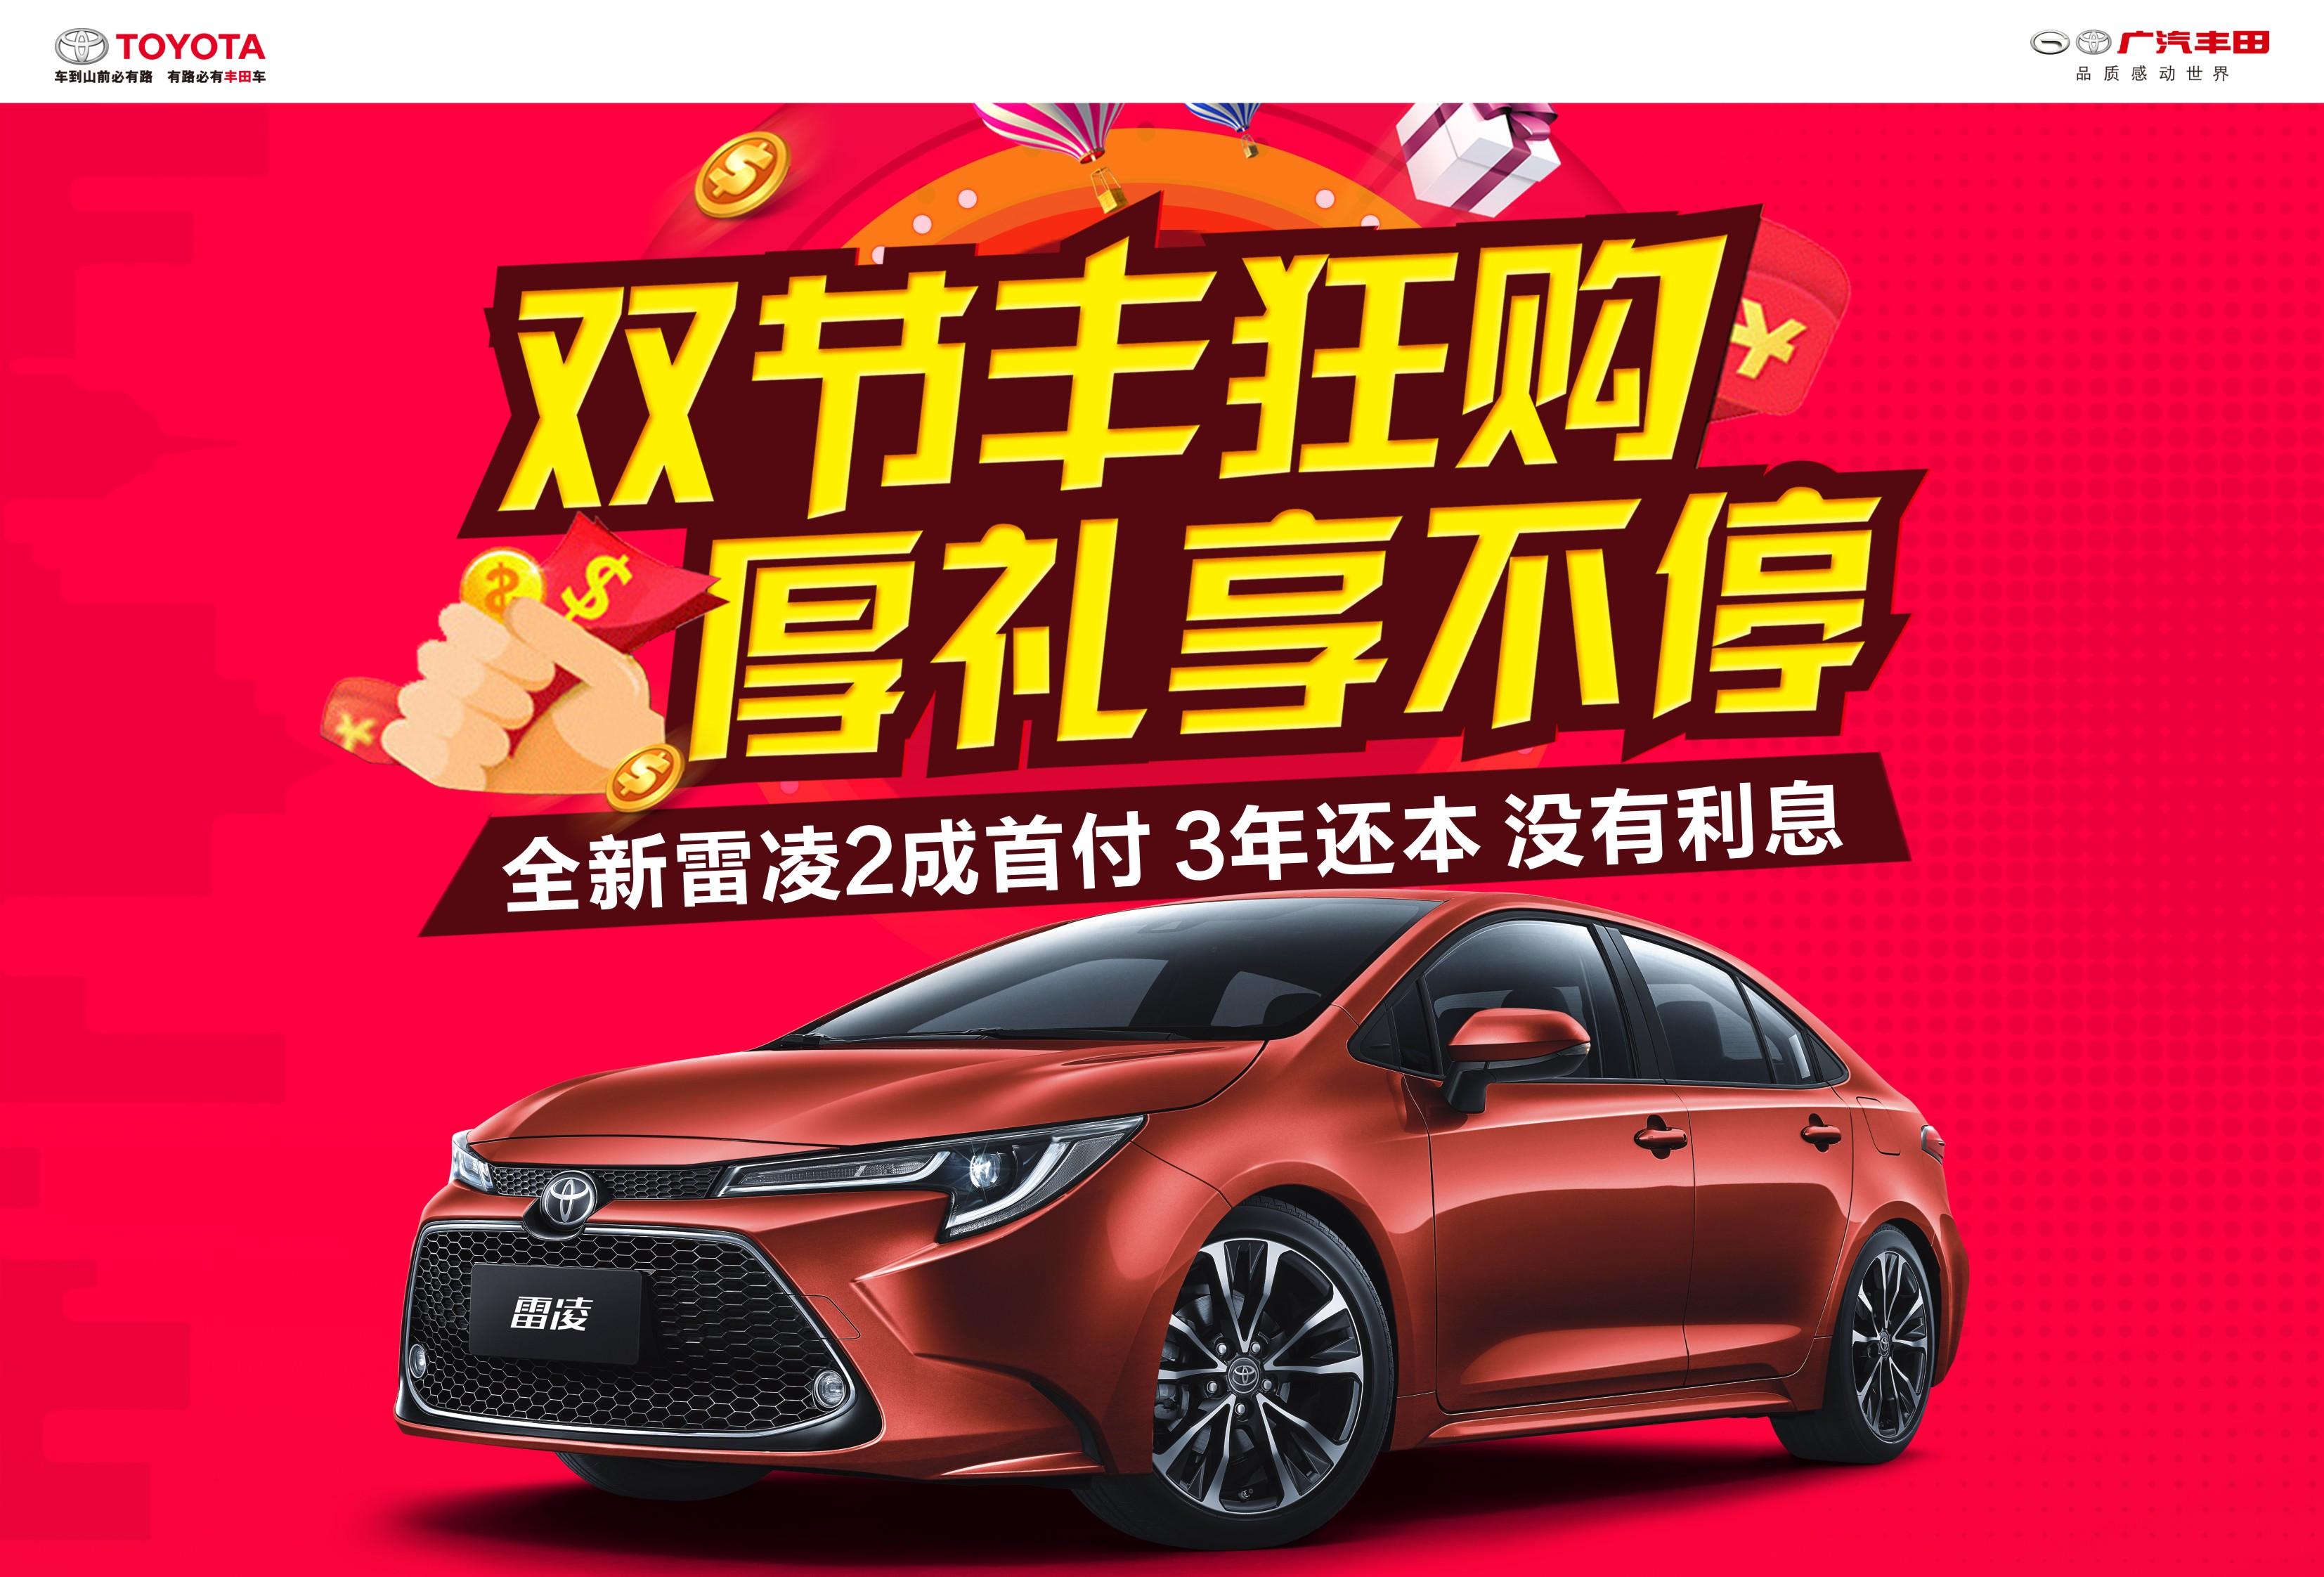 昆山东城大道广丰店雷凌首付2成,3年0利息